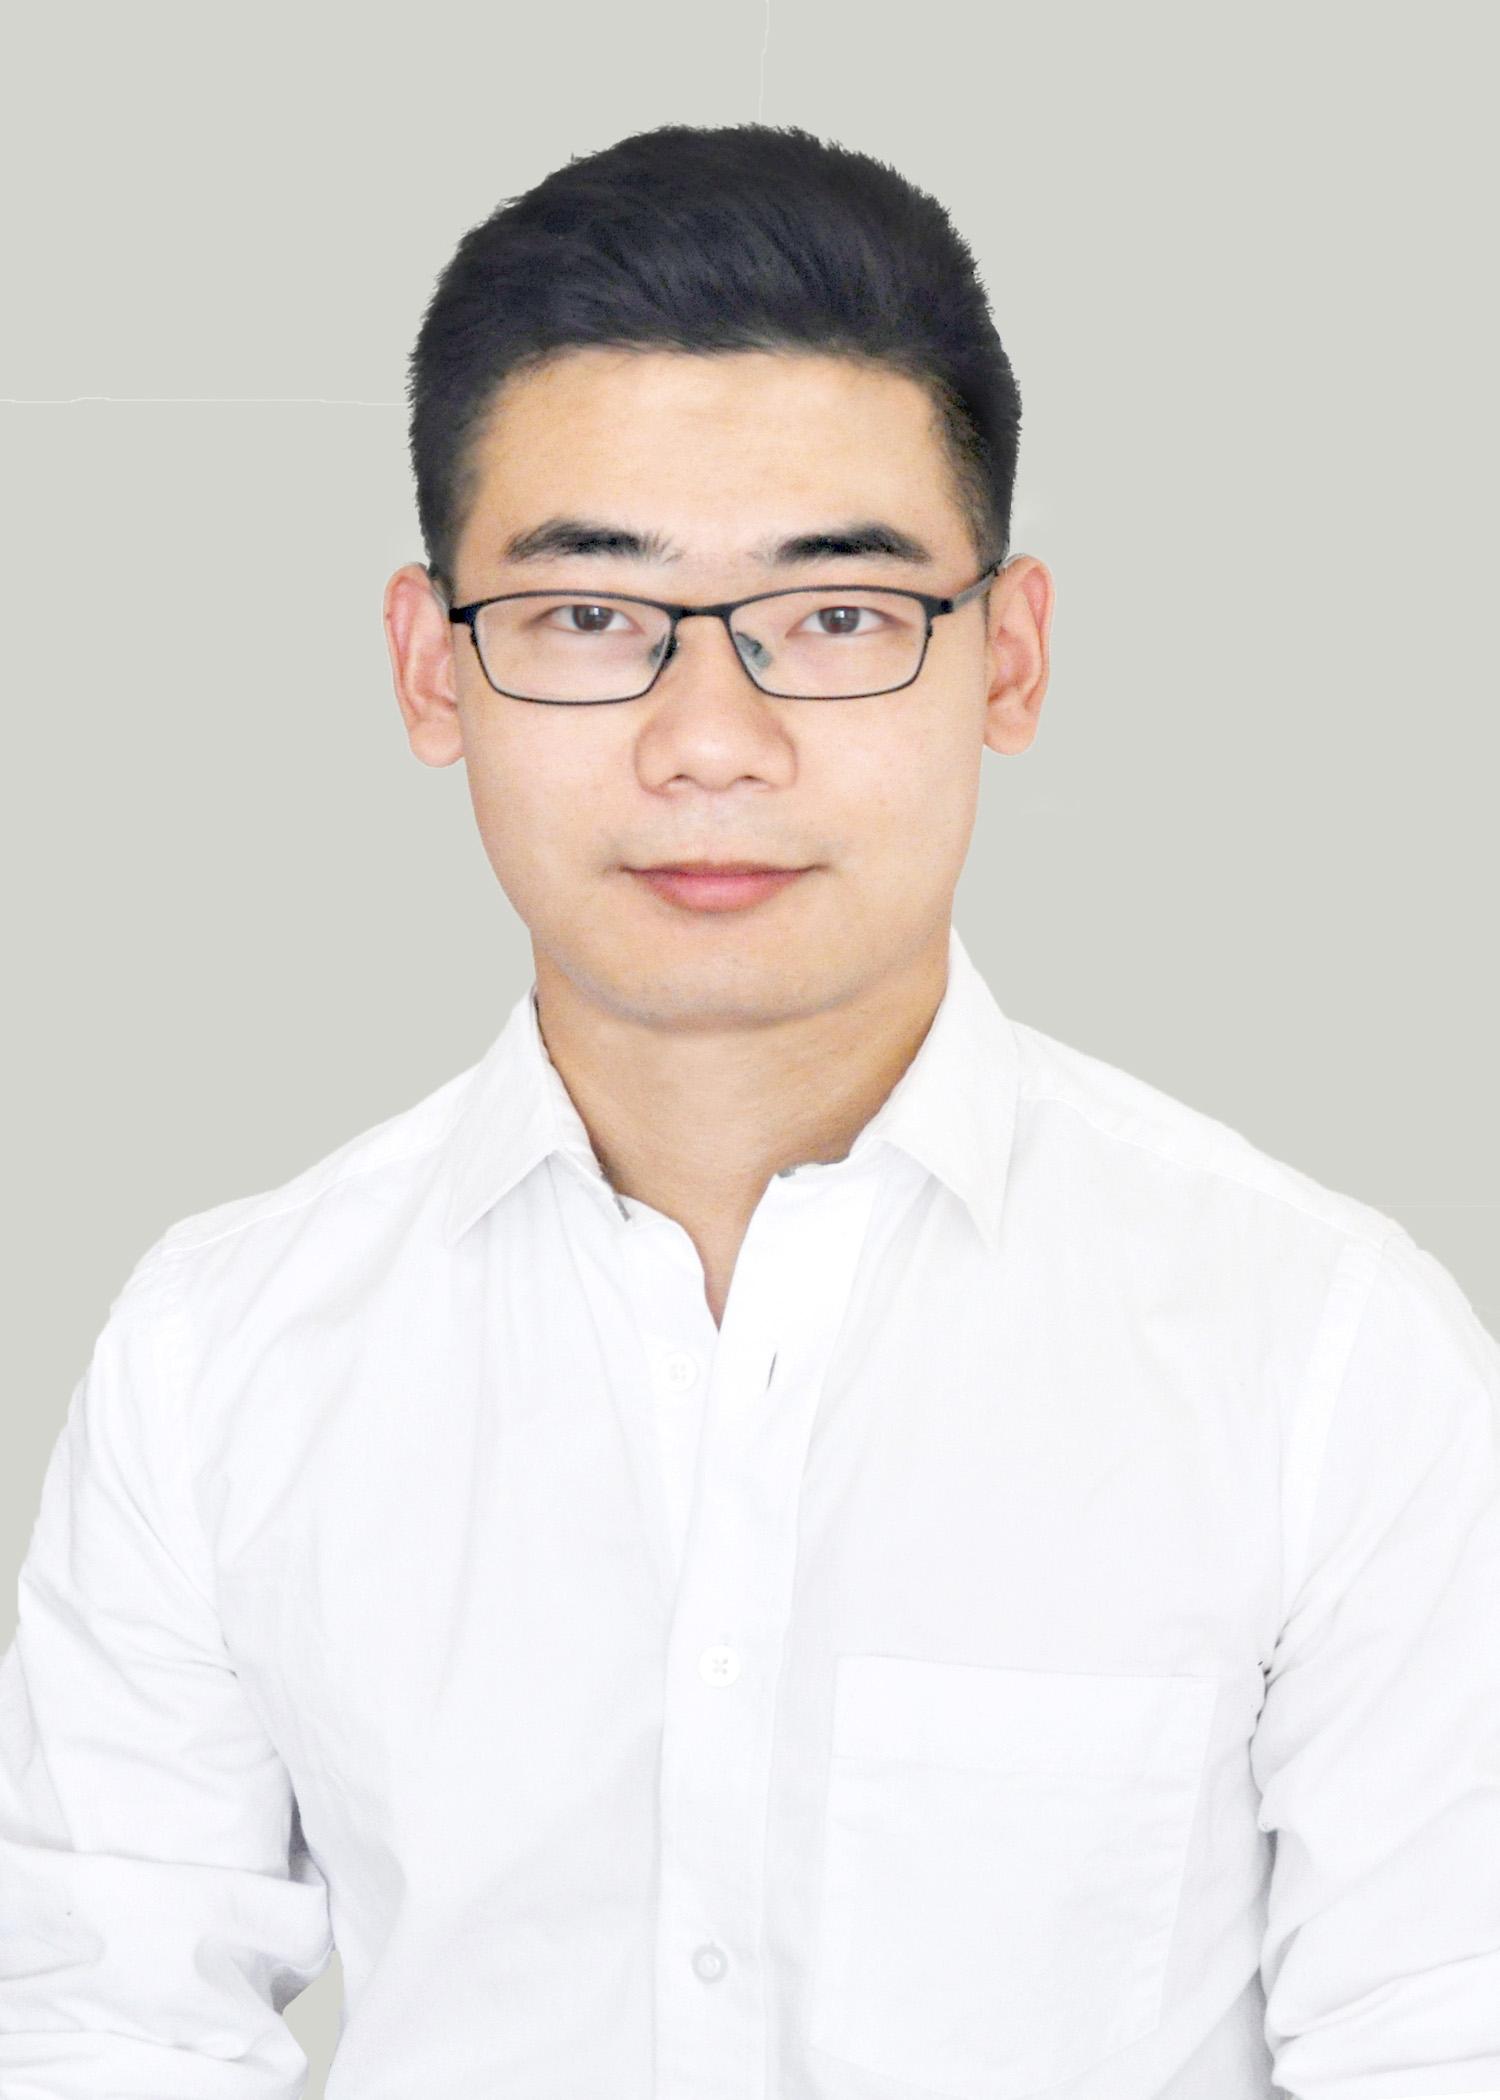 Tian Han